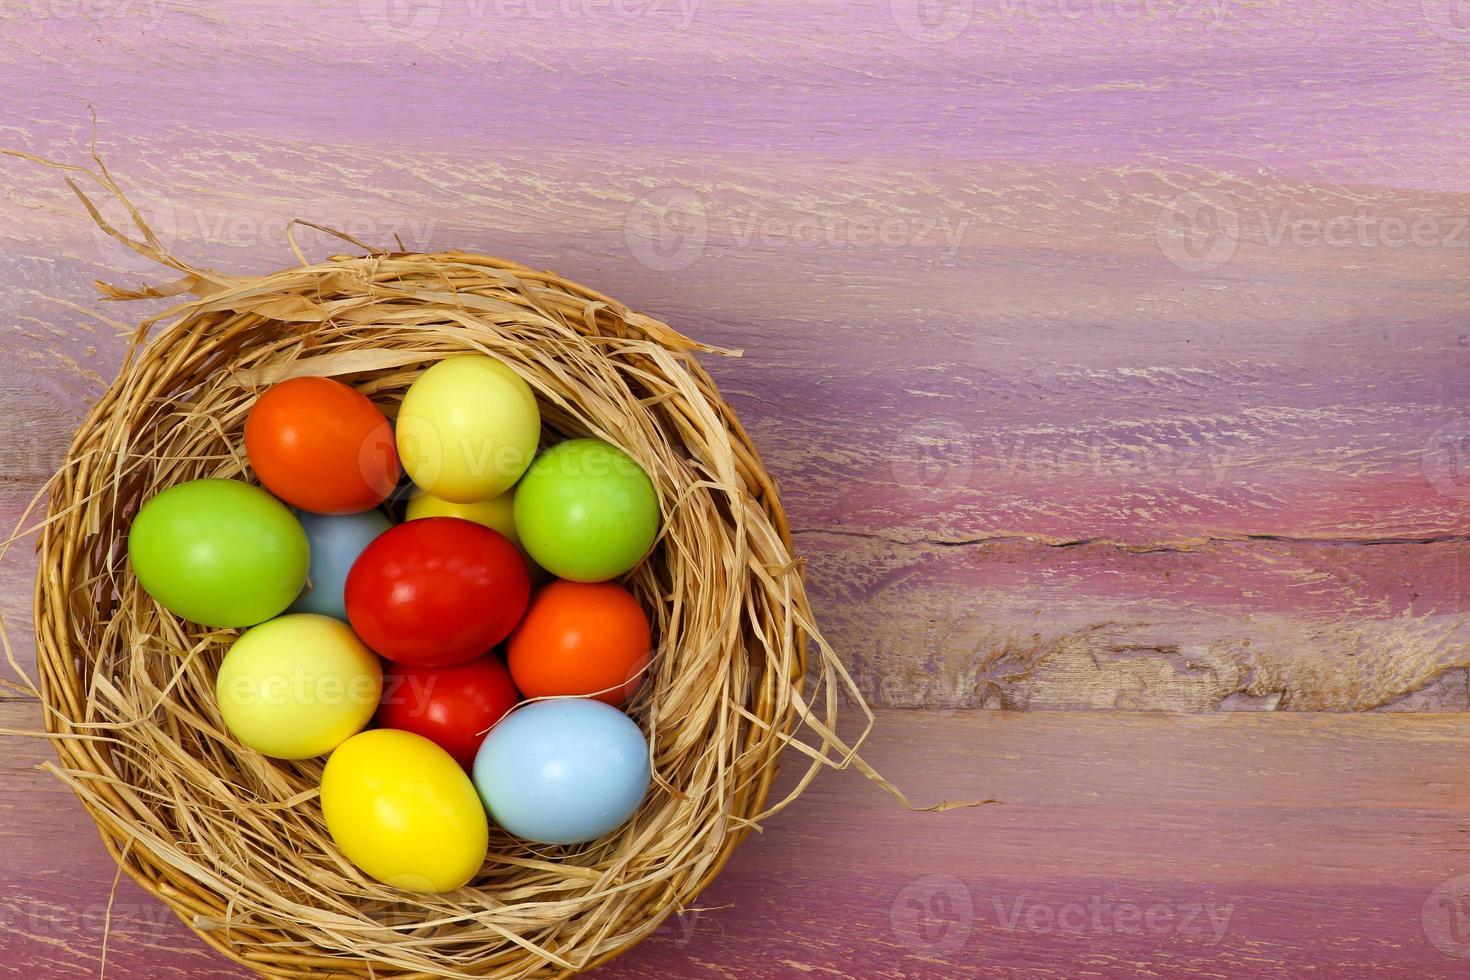 Feliz Pascua huevos pintados cesta de mimbre copia espacio foto